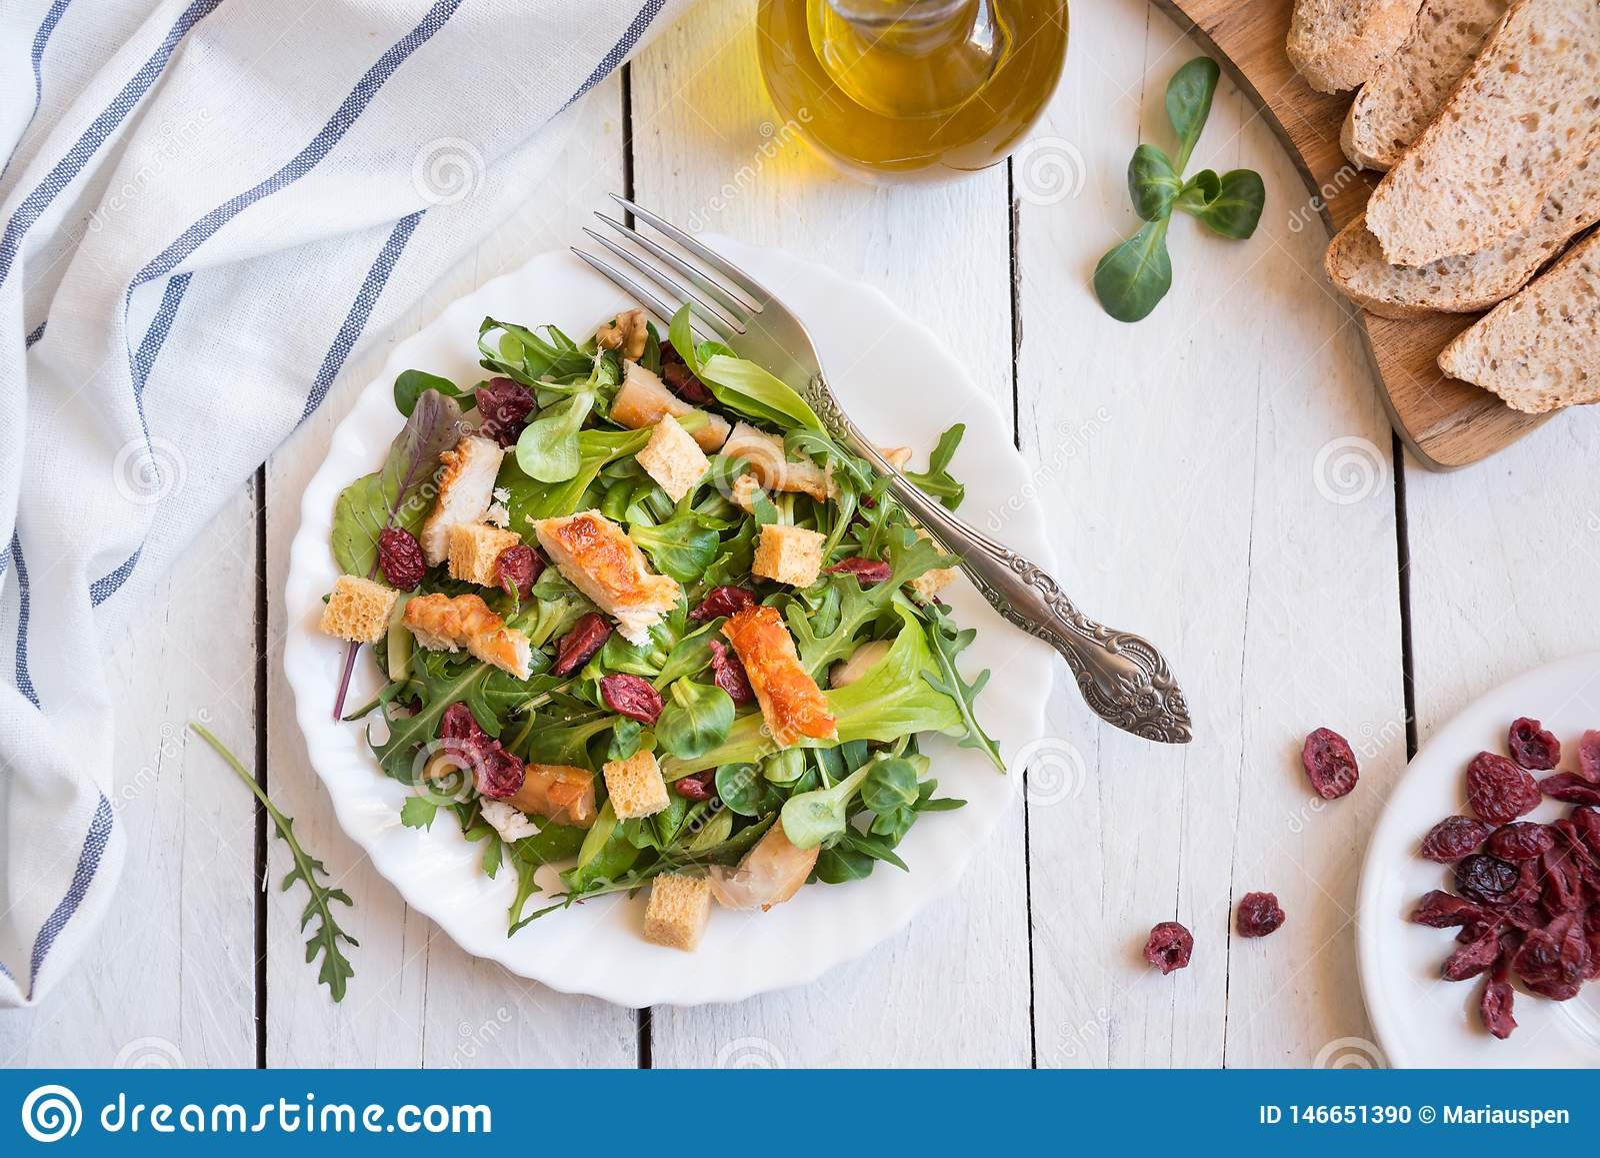 Insalata di verdura fresca con il pollo, arugola, crostini su legno bianco